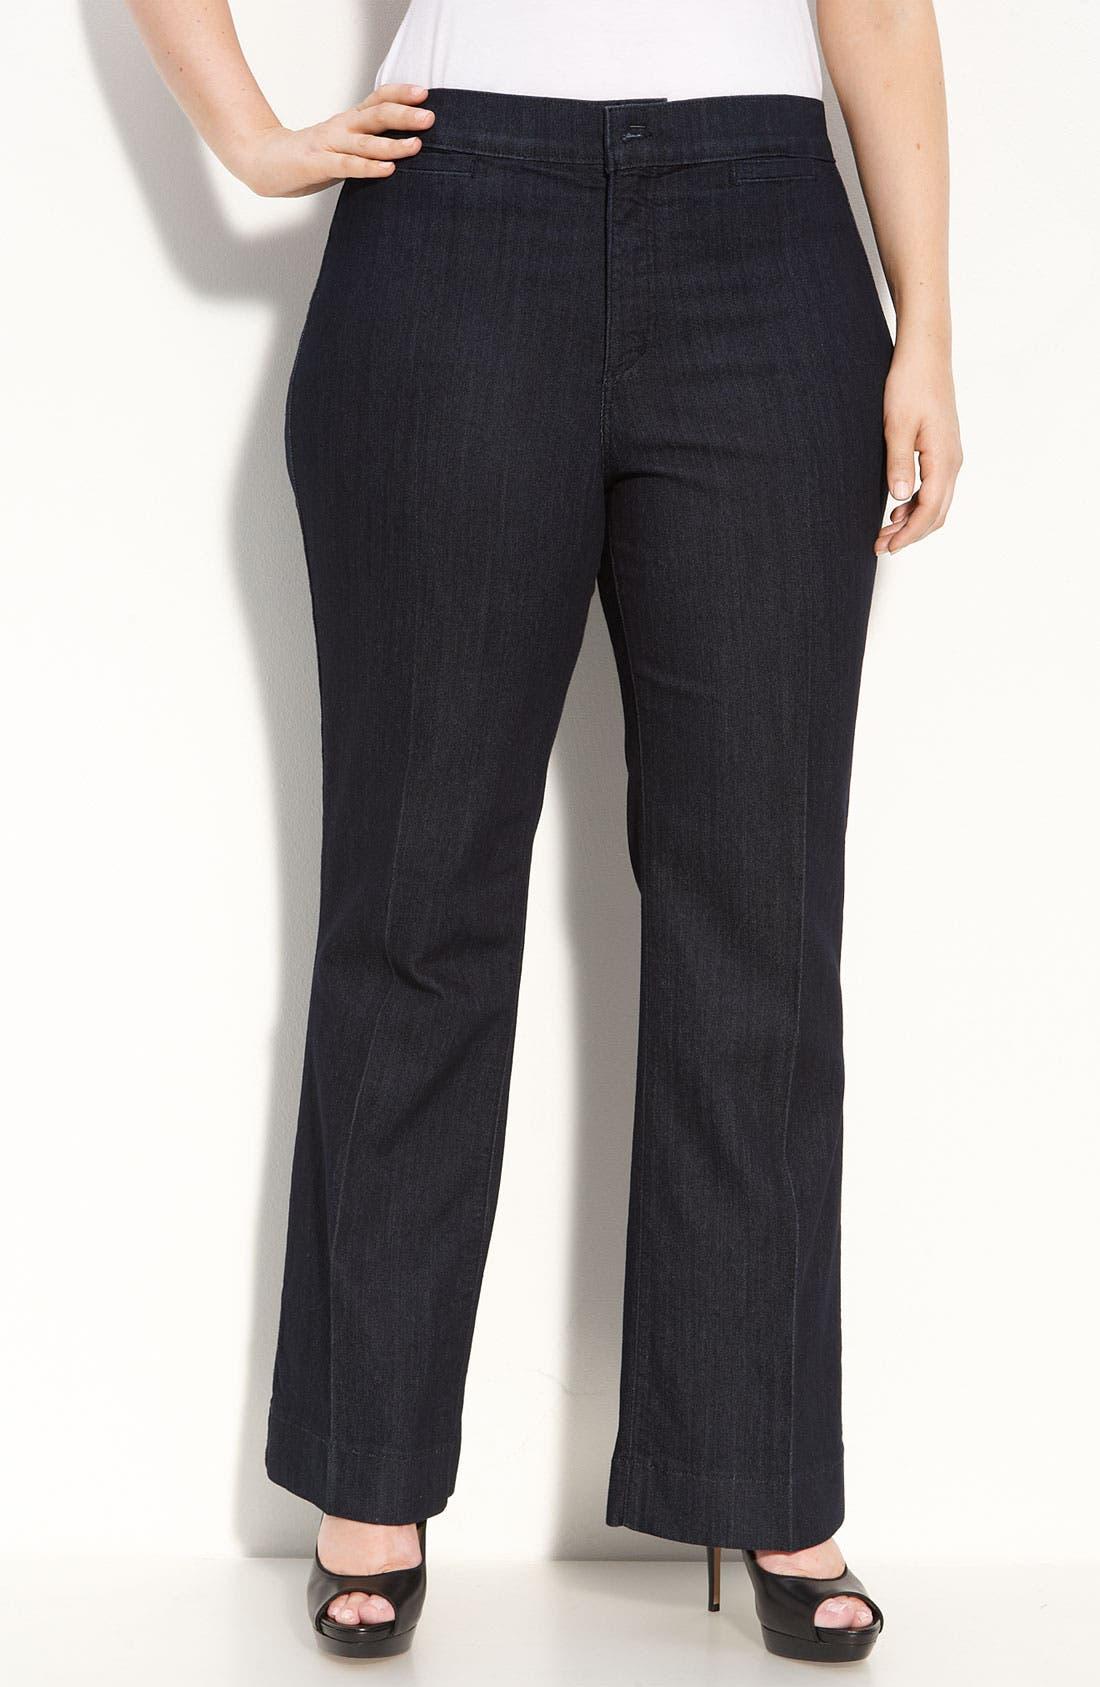 Main Image - NYDJ 'Michelle' Trouser Jeans (Plus Size)